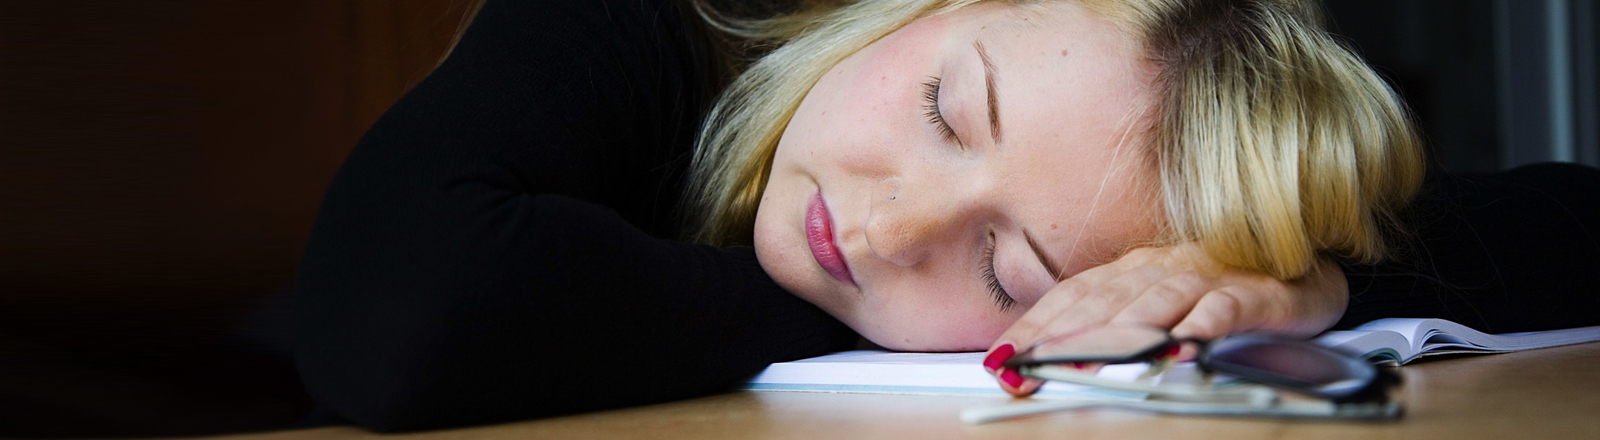 Frau schläft auf ihrem Schreibtisch